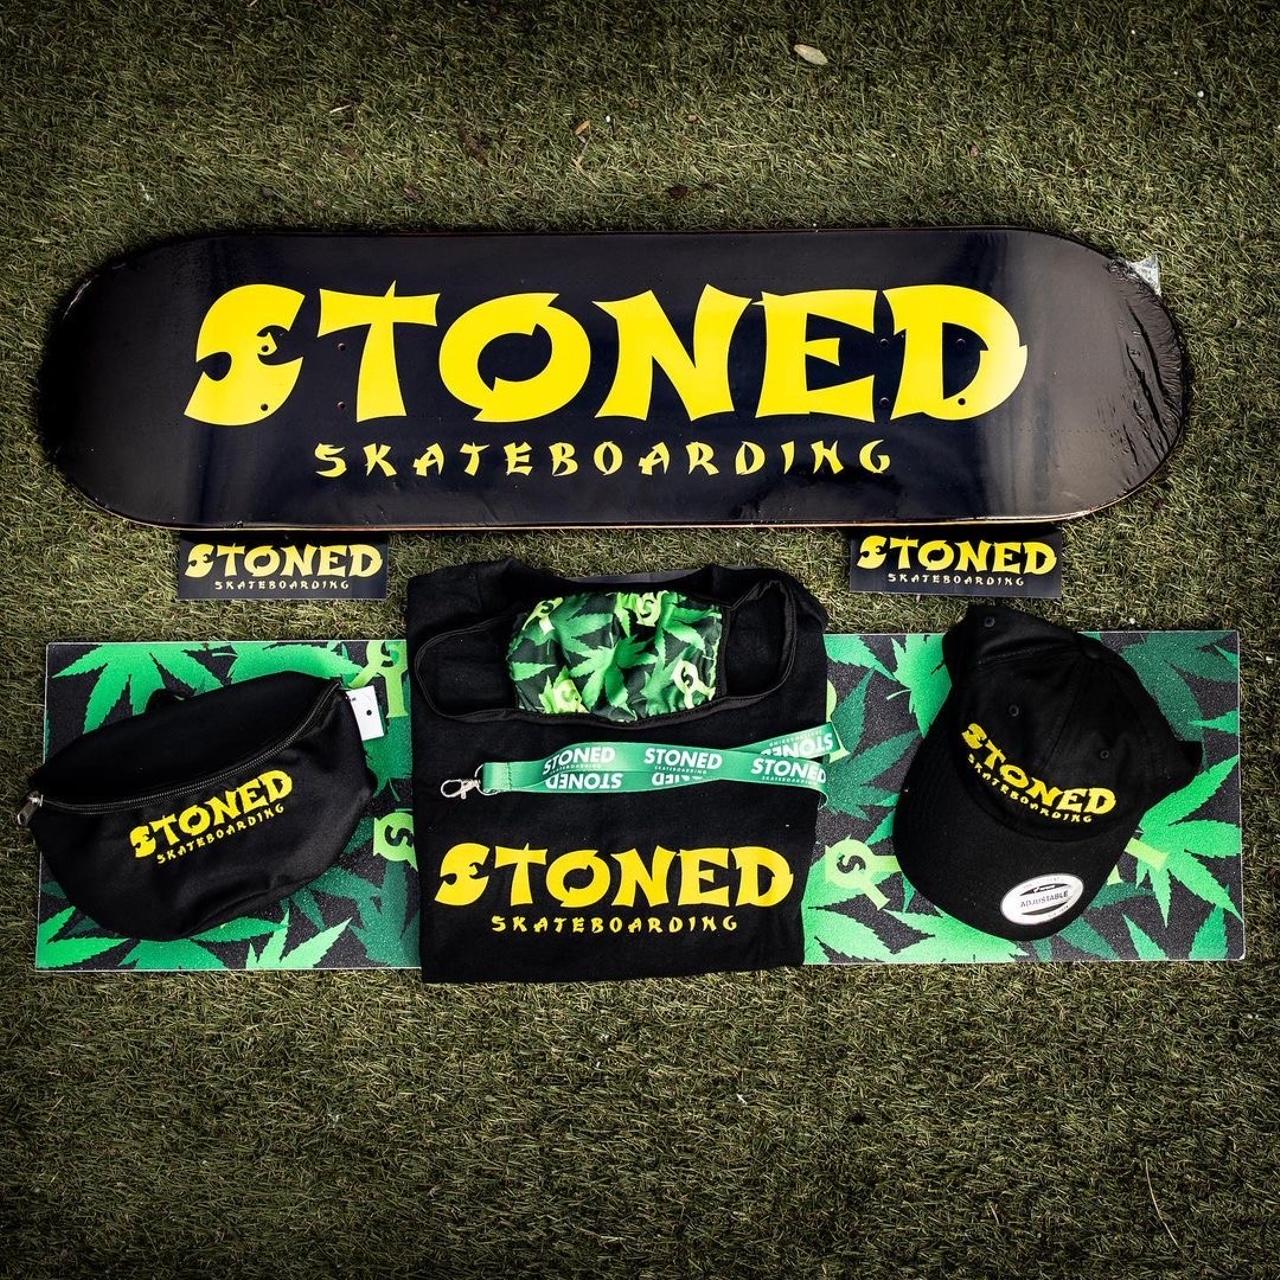 Stoned Skateboarding - Founder